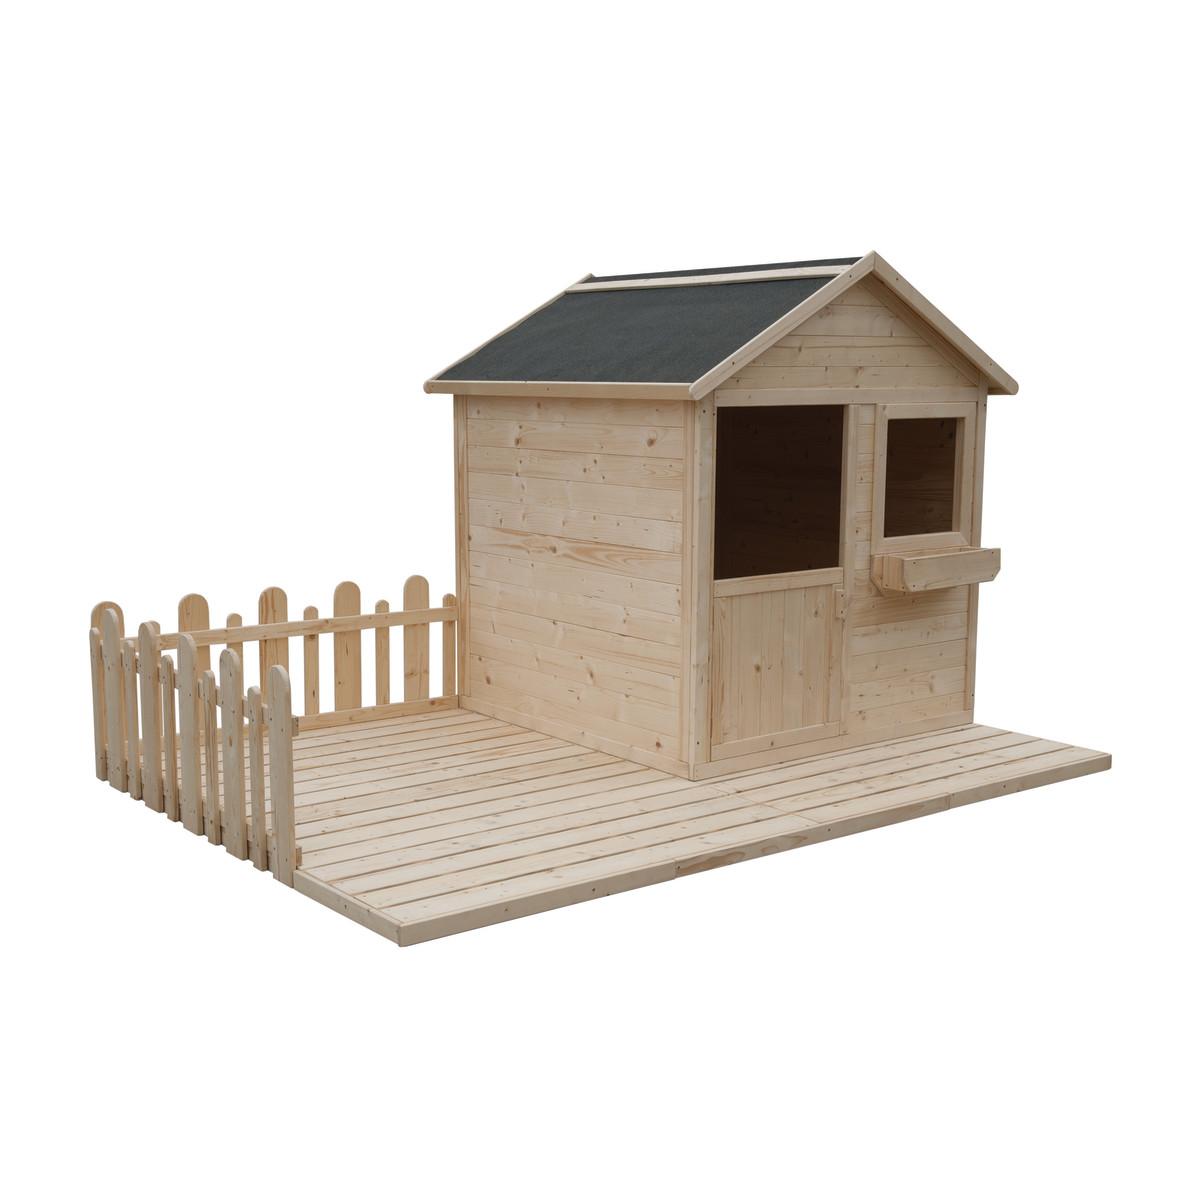 Prezzi casetta legno pannelli malmo prezzi e negozi for Casetta legno bambini leroy merlin